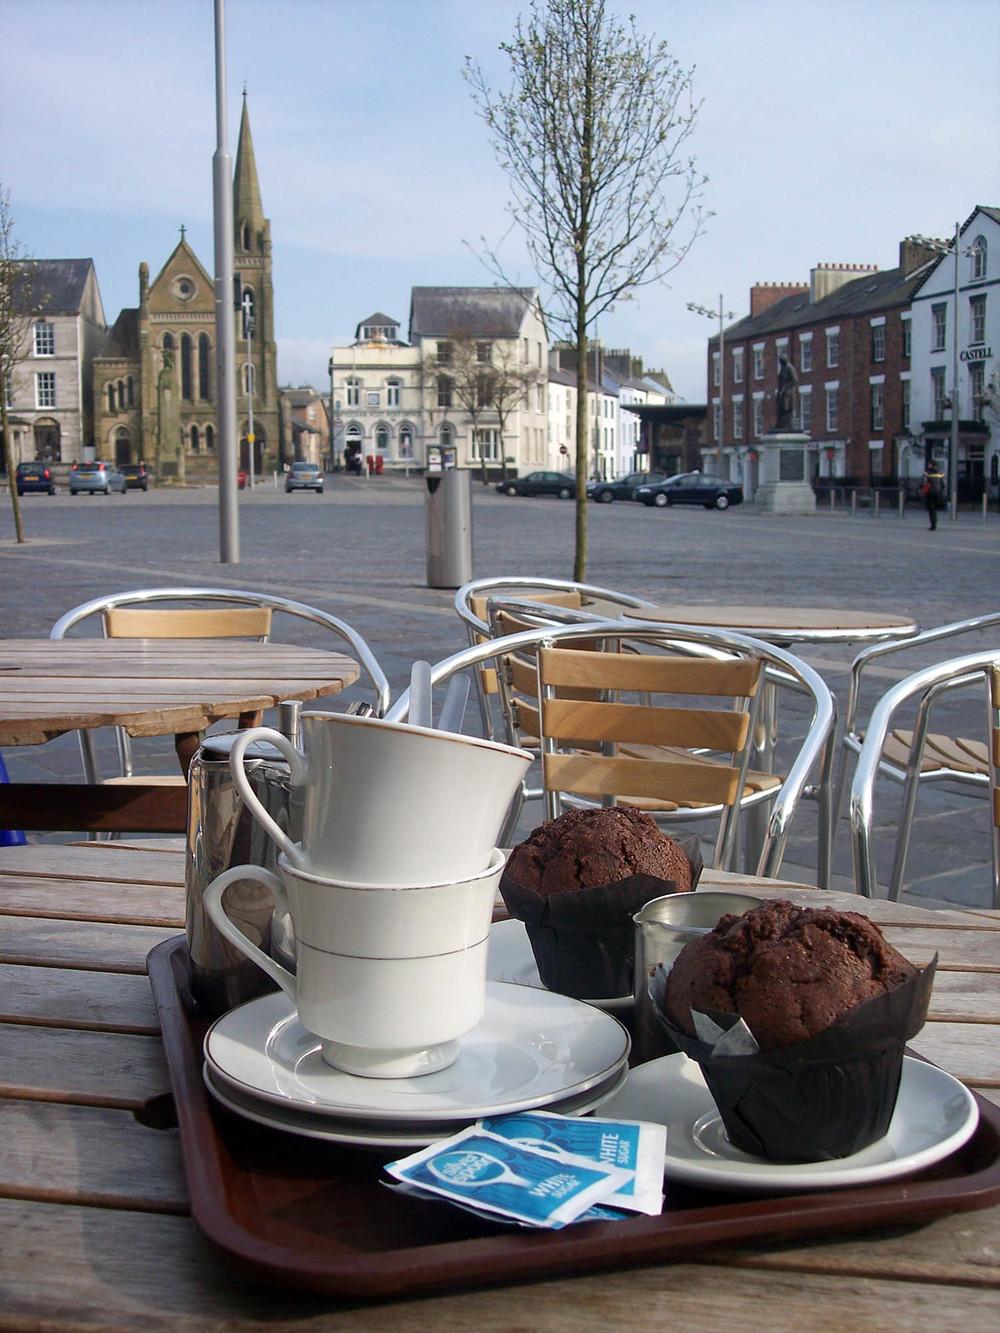 7_Caernarfon_Image_7.jpg